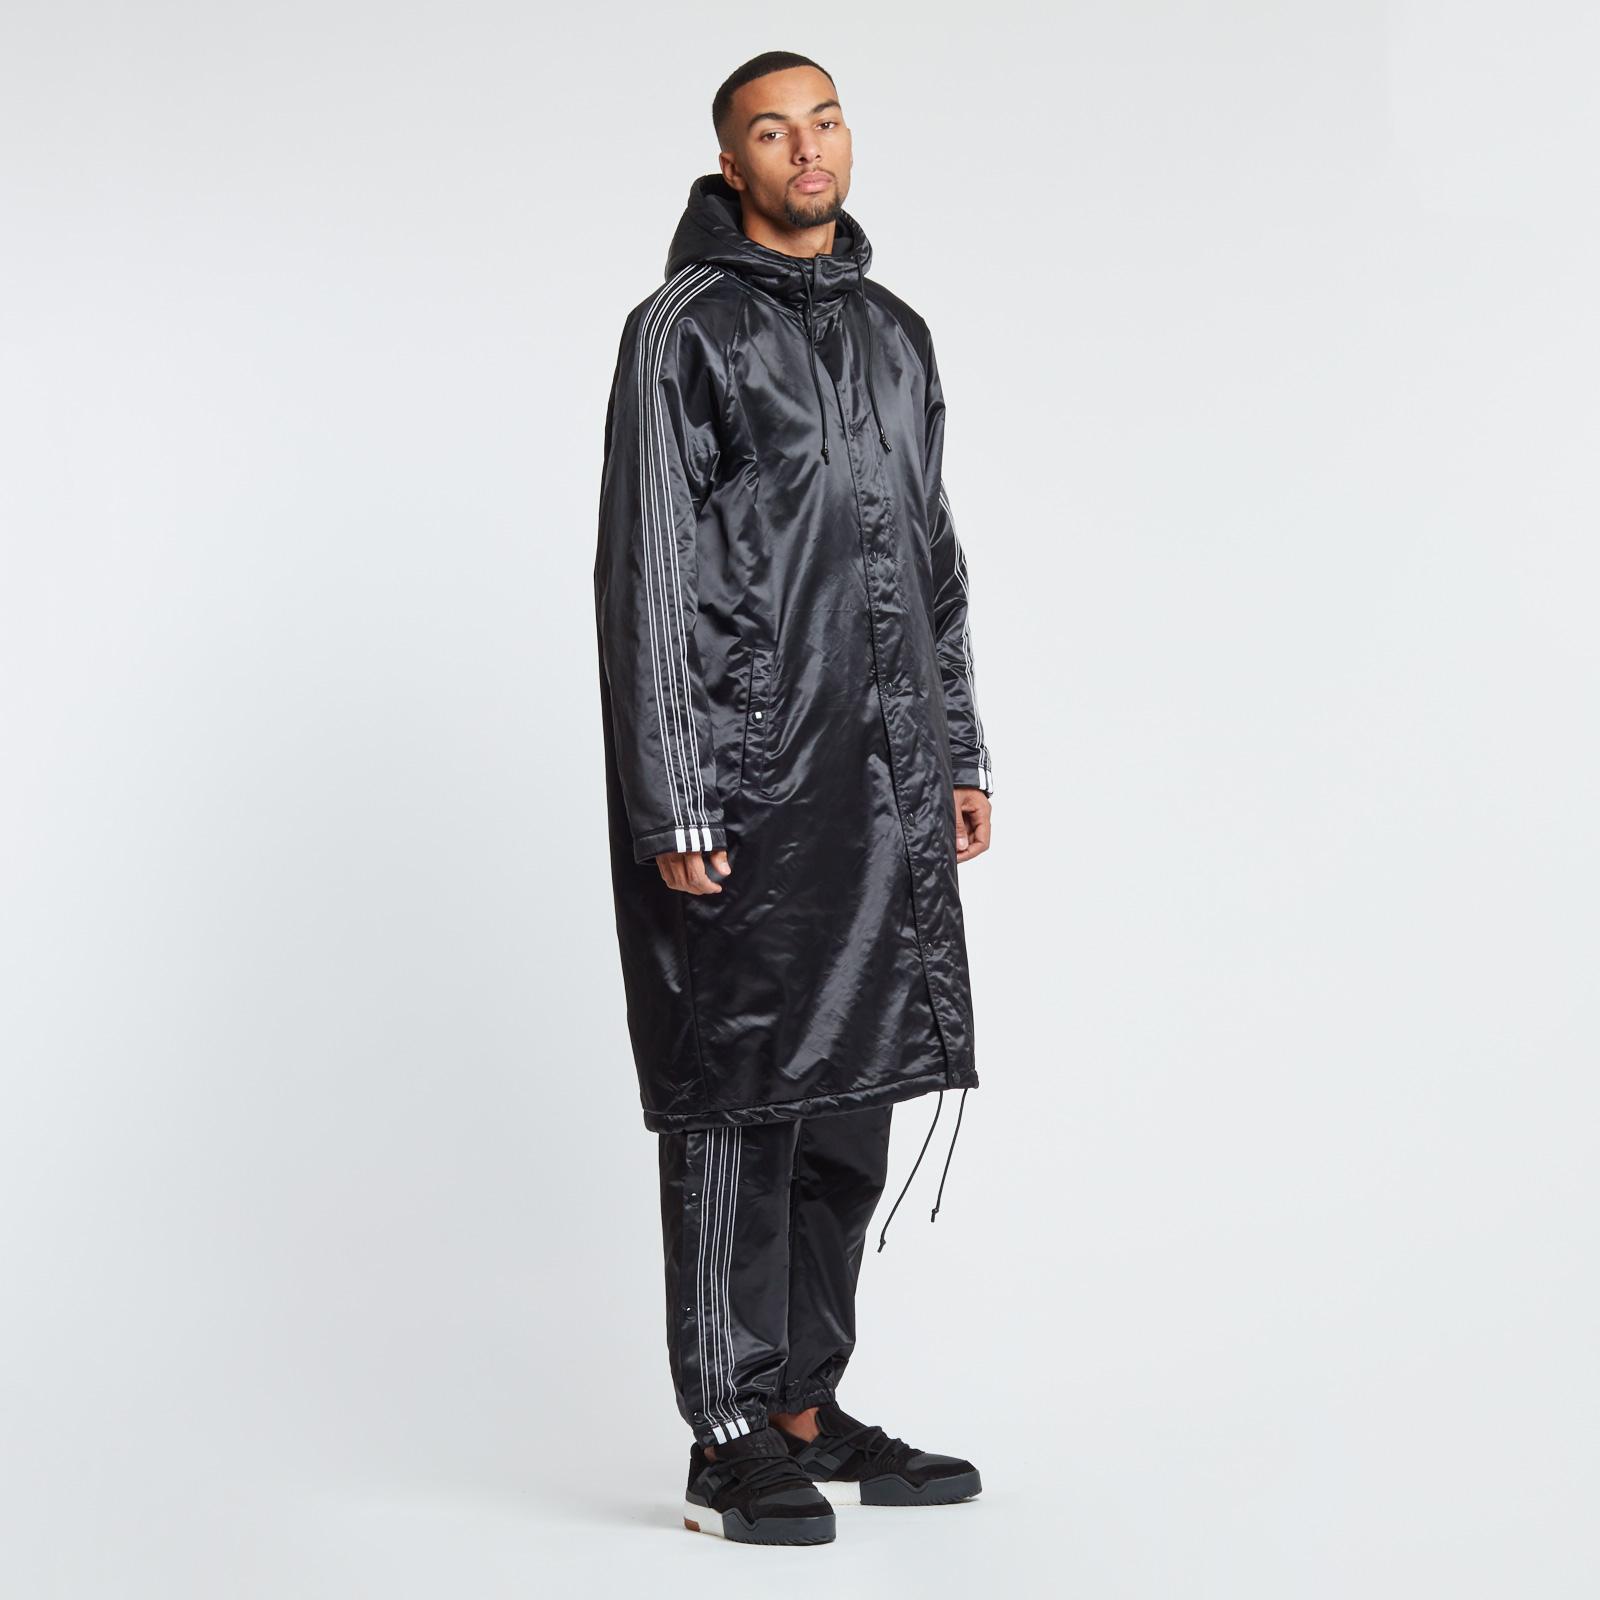 d1cf7724 adidas Stadium Jacket - Cv5255 - Sneakersnstuff | sneakers & streetwear  online since 1999